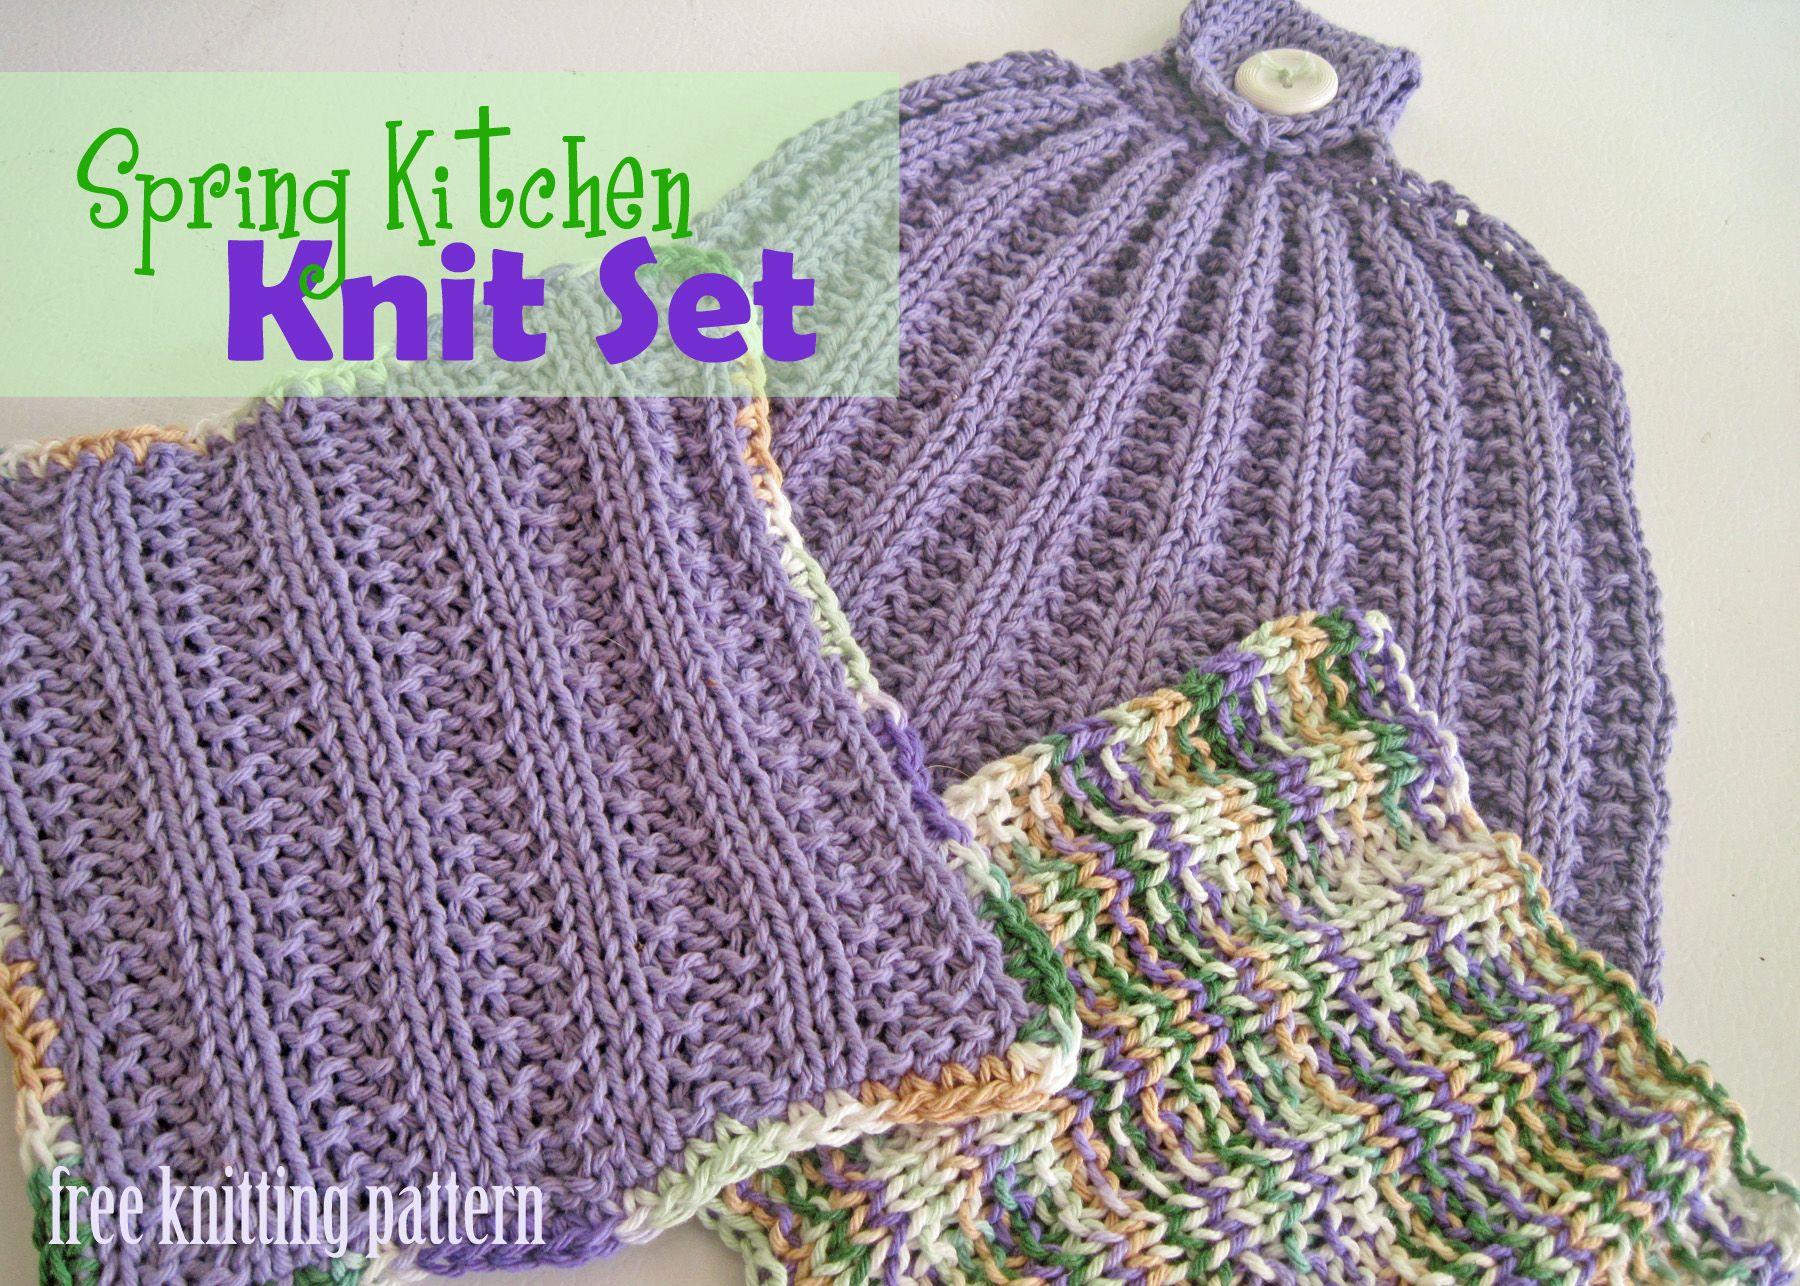 Free Knitting Pattern - Spring Kitchen Set - Page 3 | knitting ...